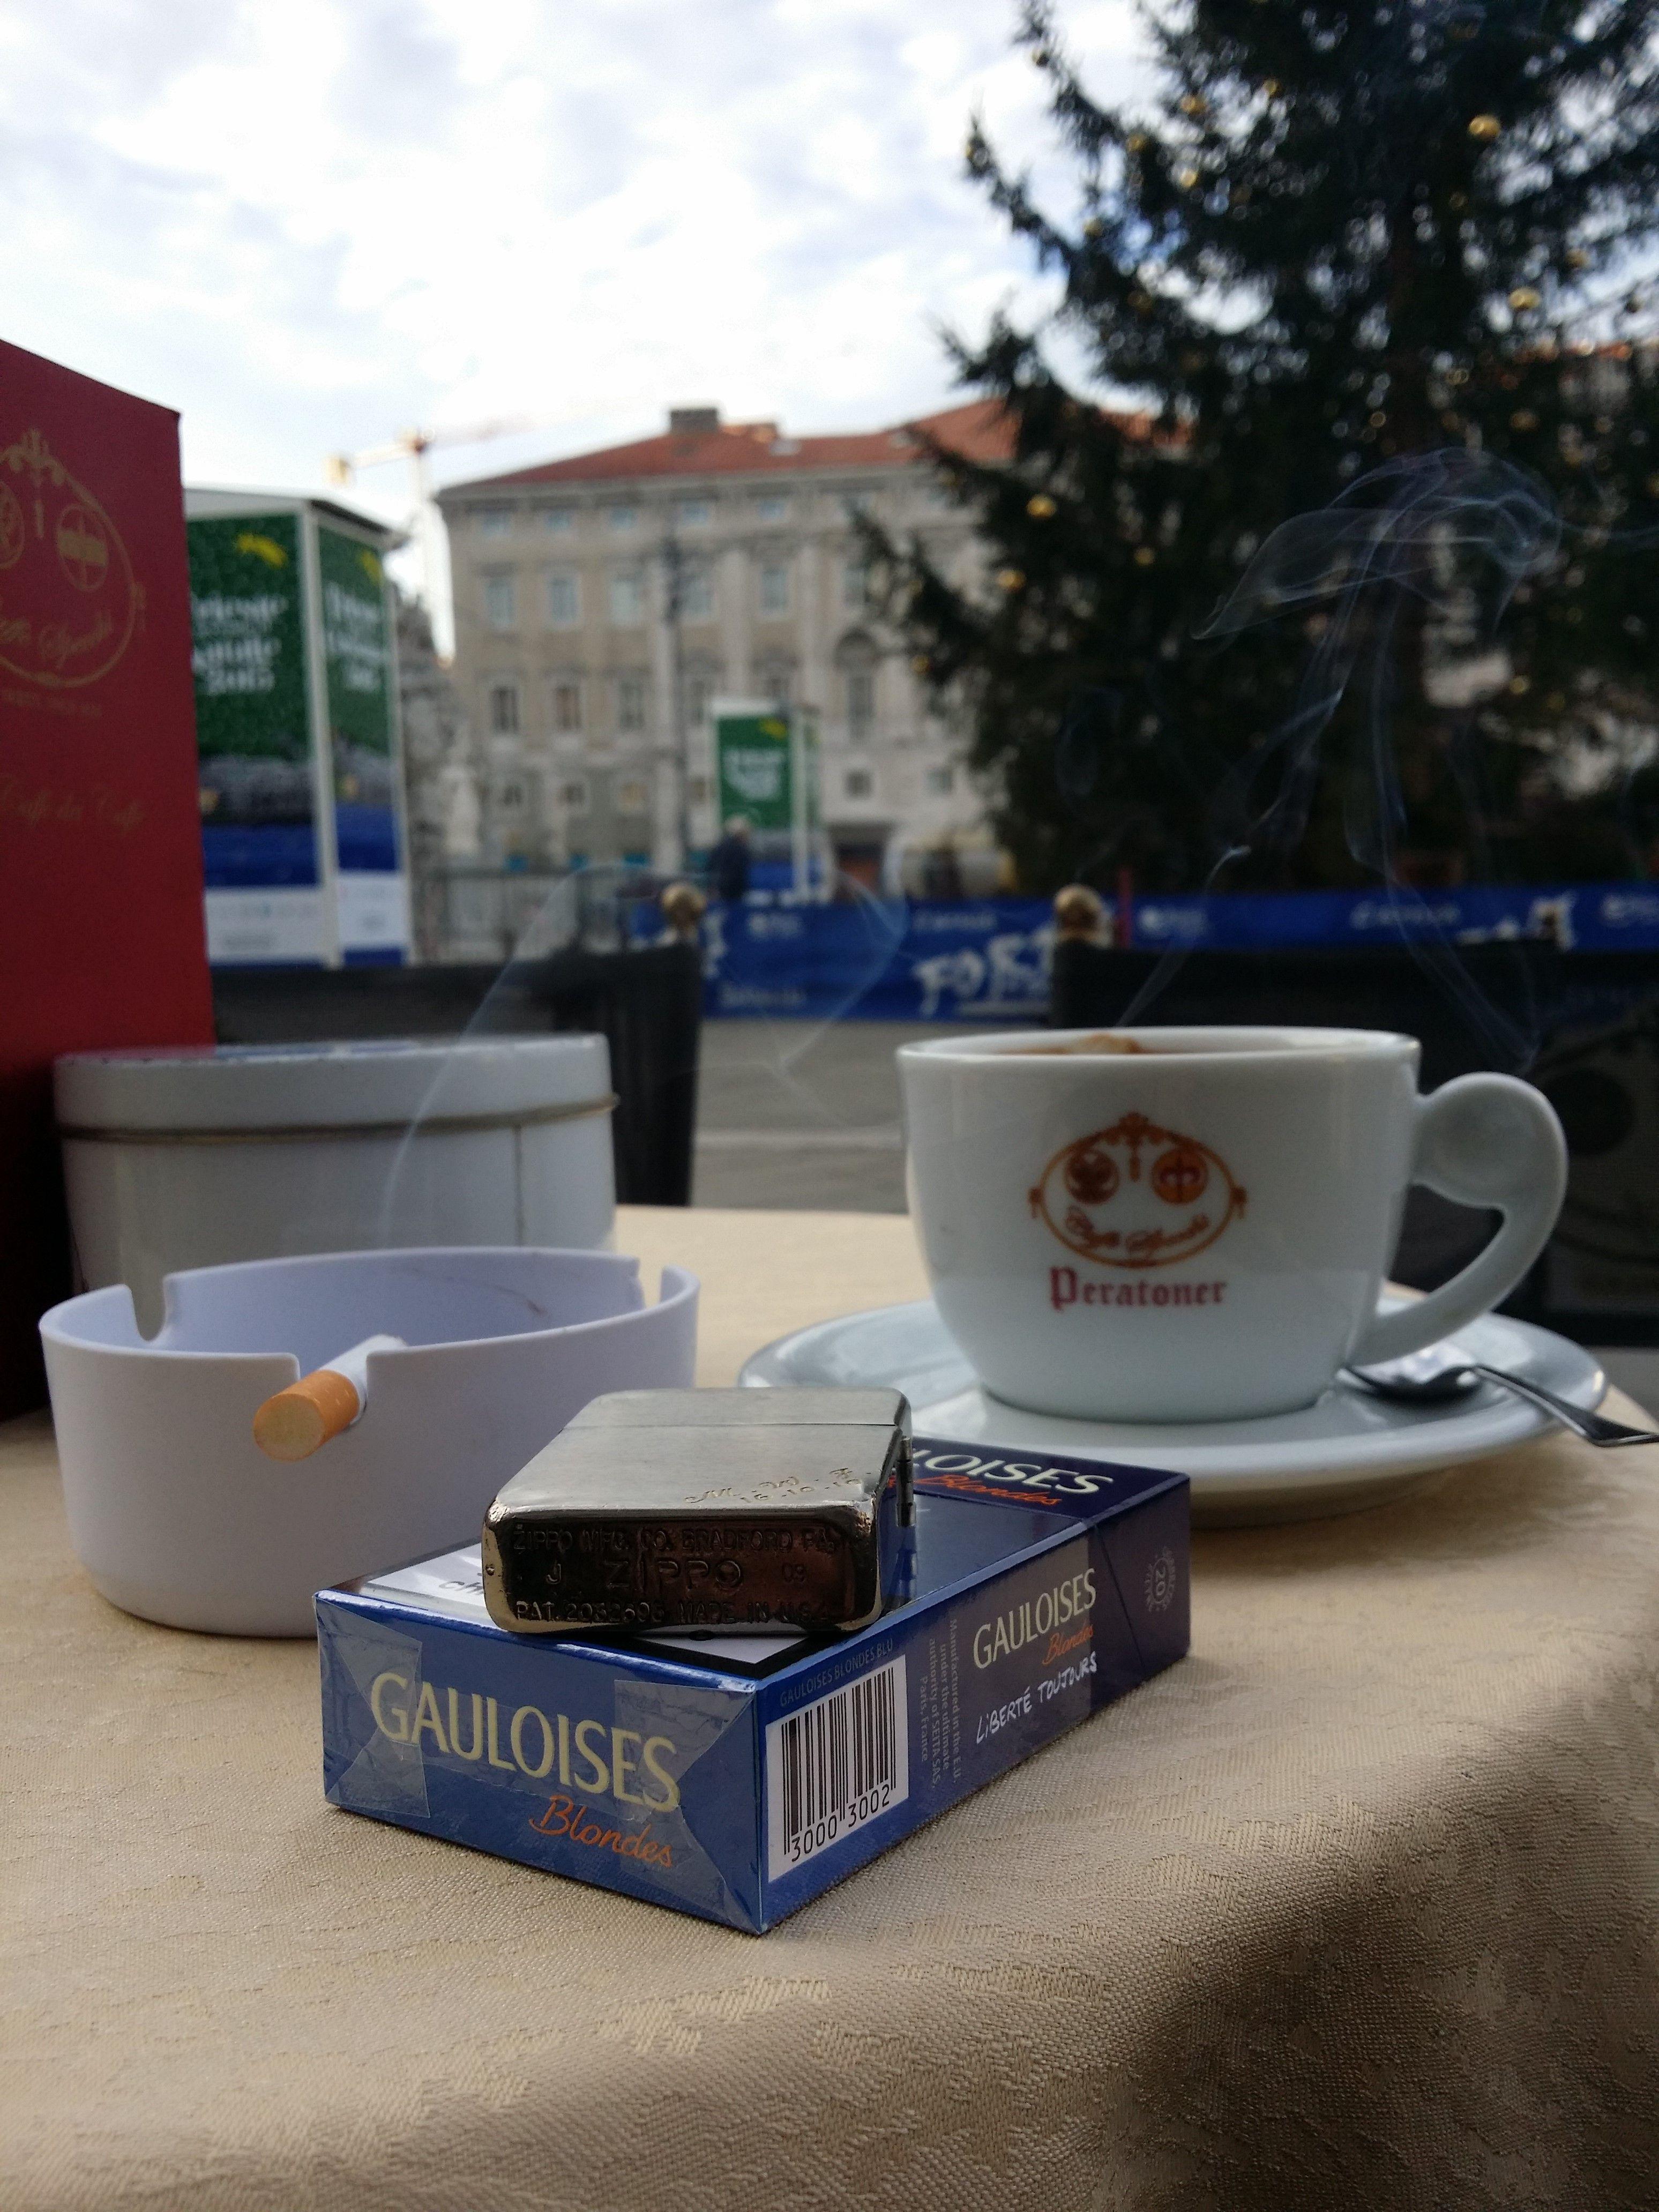 Caffe degli specchi trieste coffee cigarettes gauloises zippo lighter caff e sigaretta - Caffe degli specchi ...